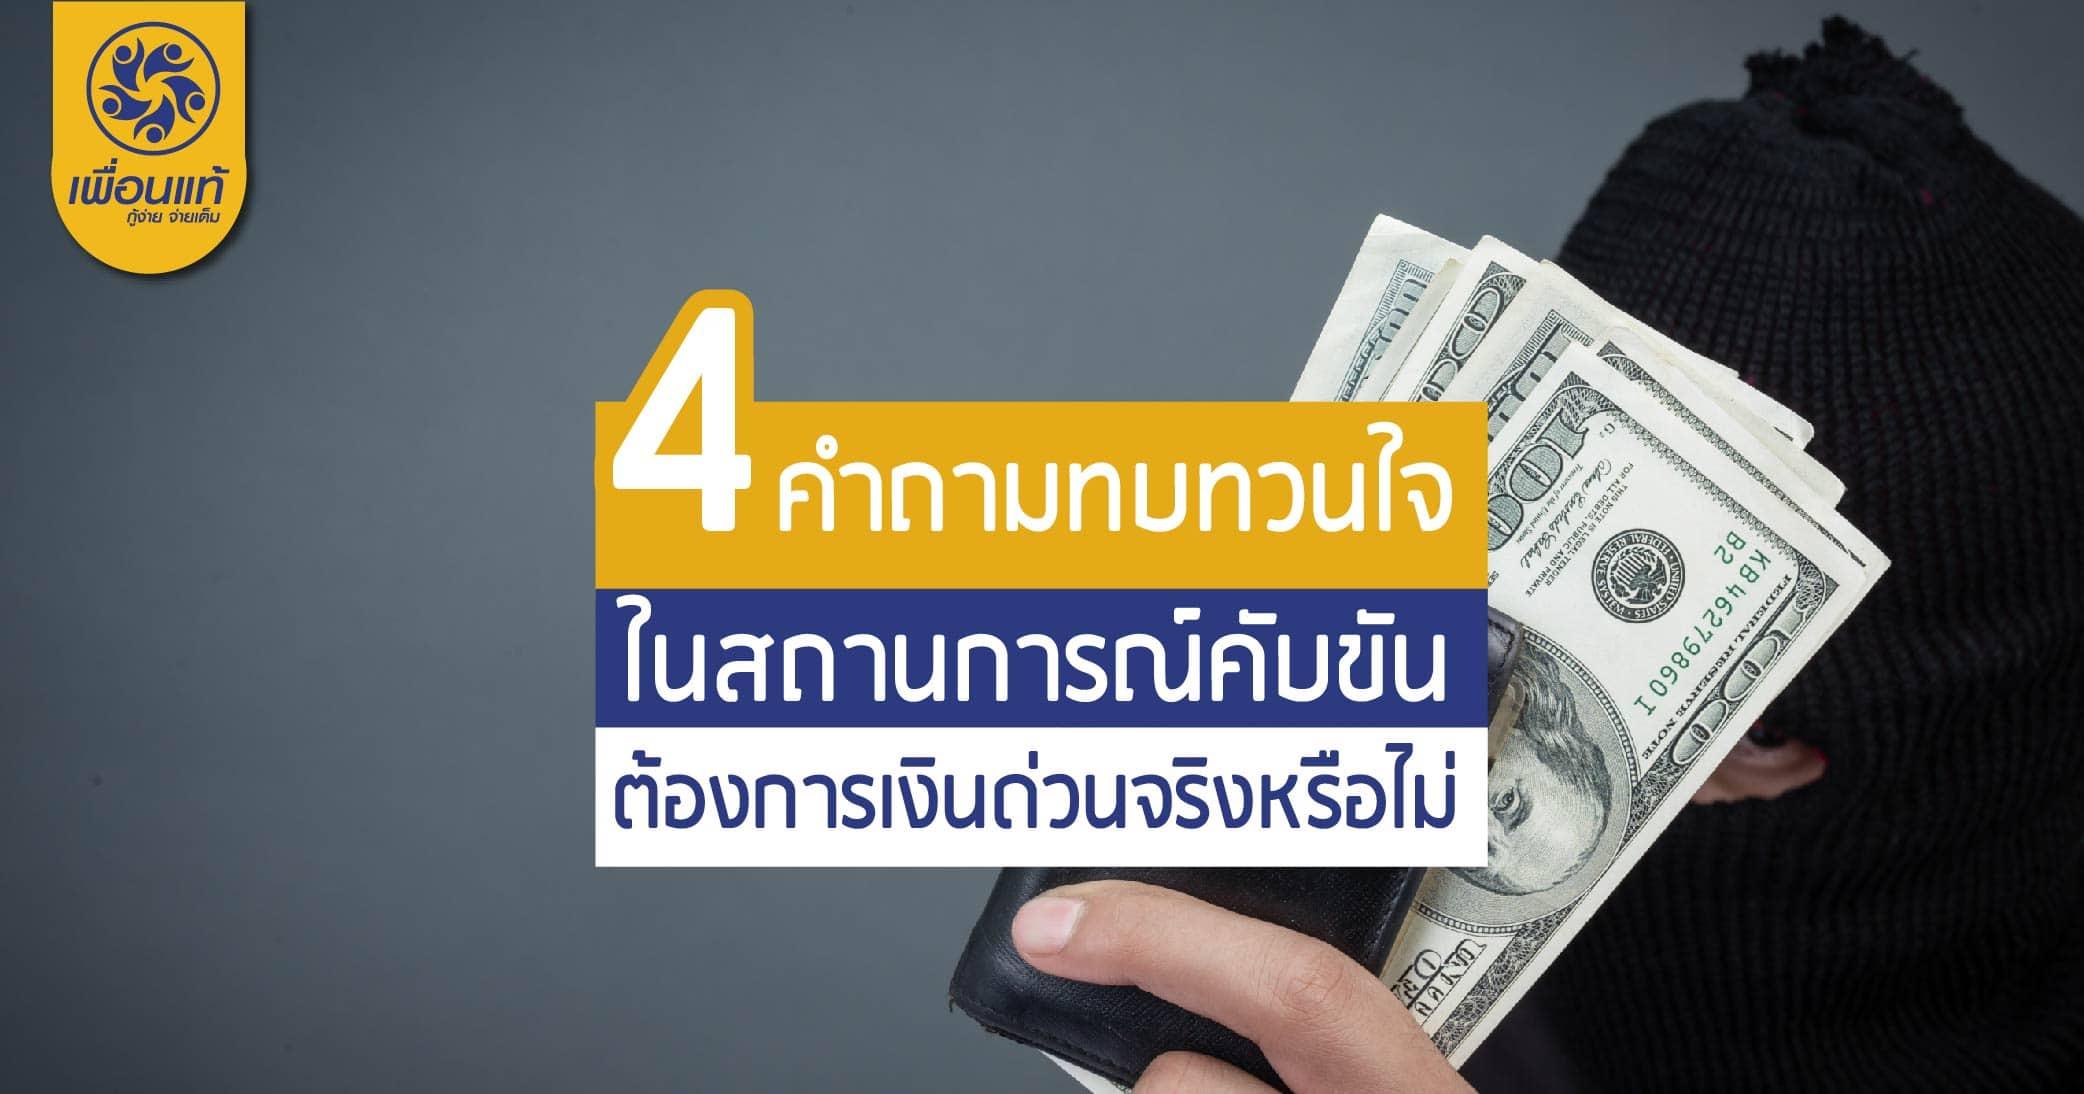 27 02 - 4 คำถามทบทวนใจ ต้องการเงินด่วนจริงหรือไม่ในสถานการณ์คับขัน